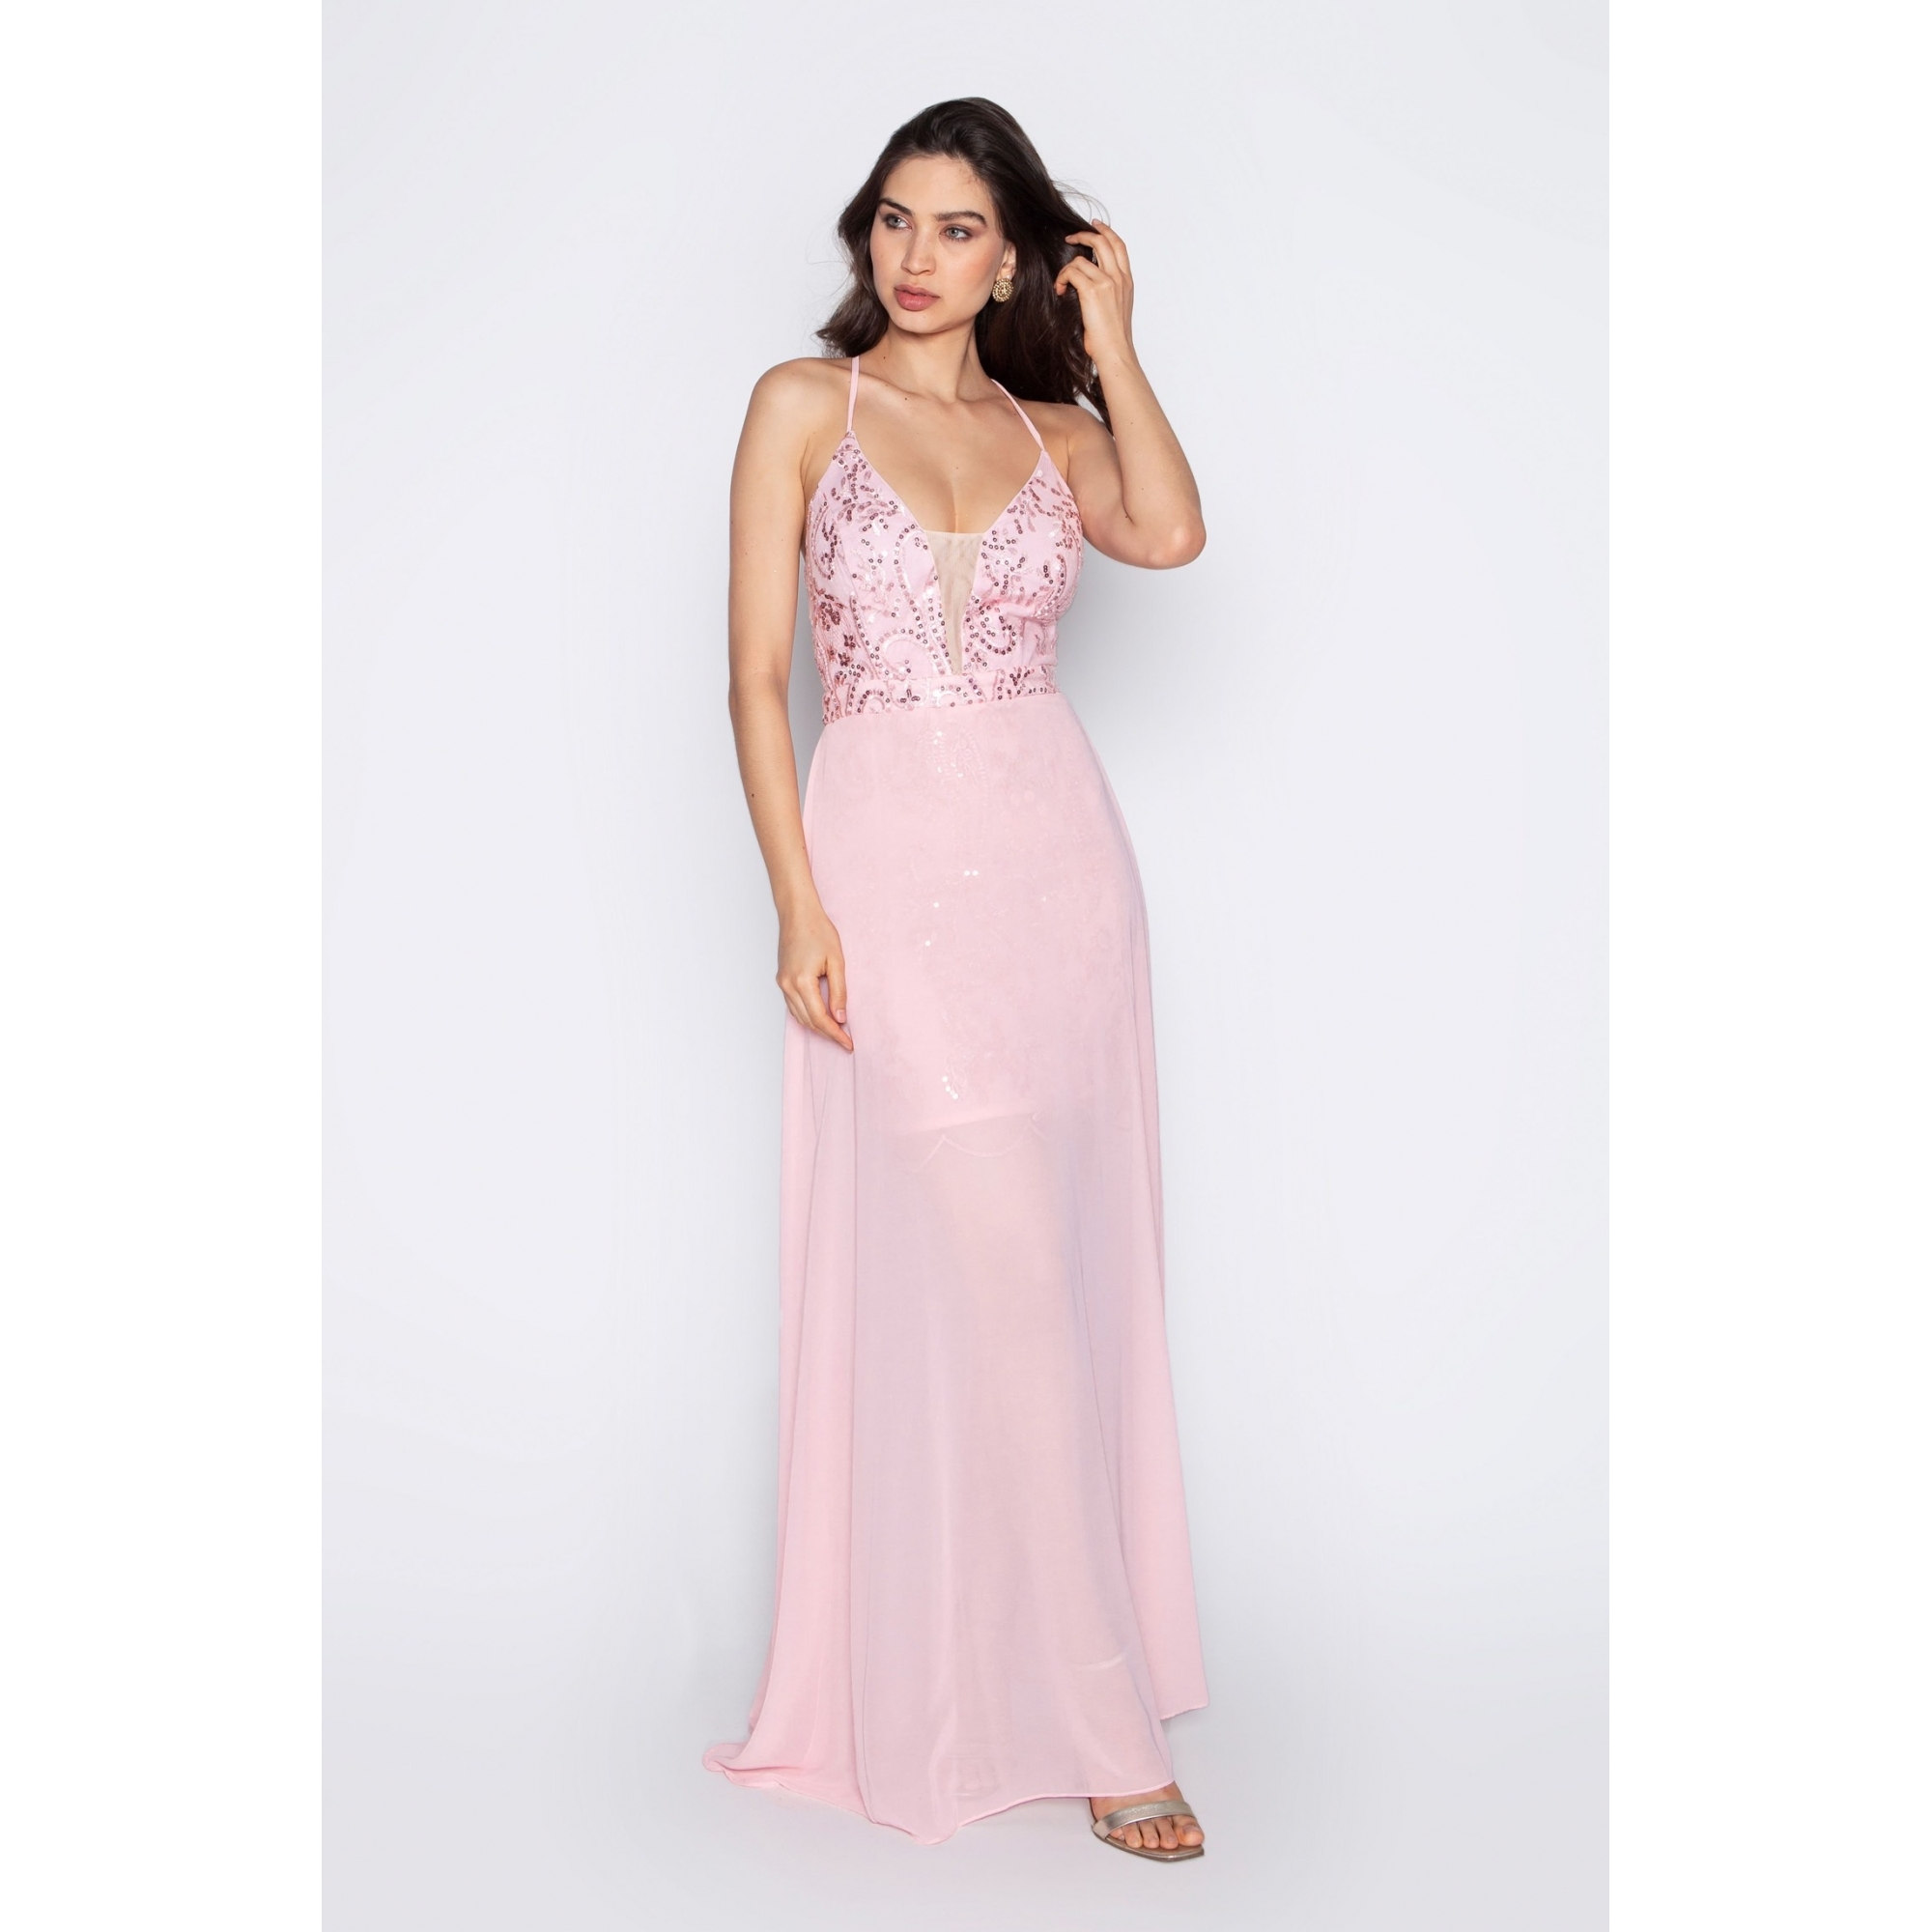 Vestido de festa para madrinha rosa ref.P592